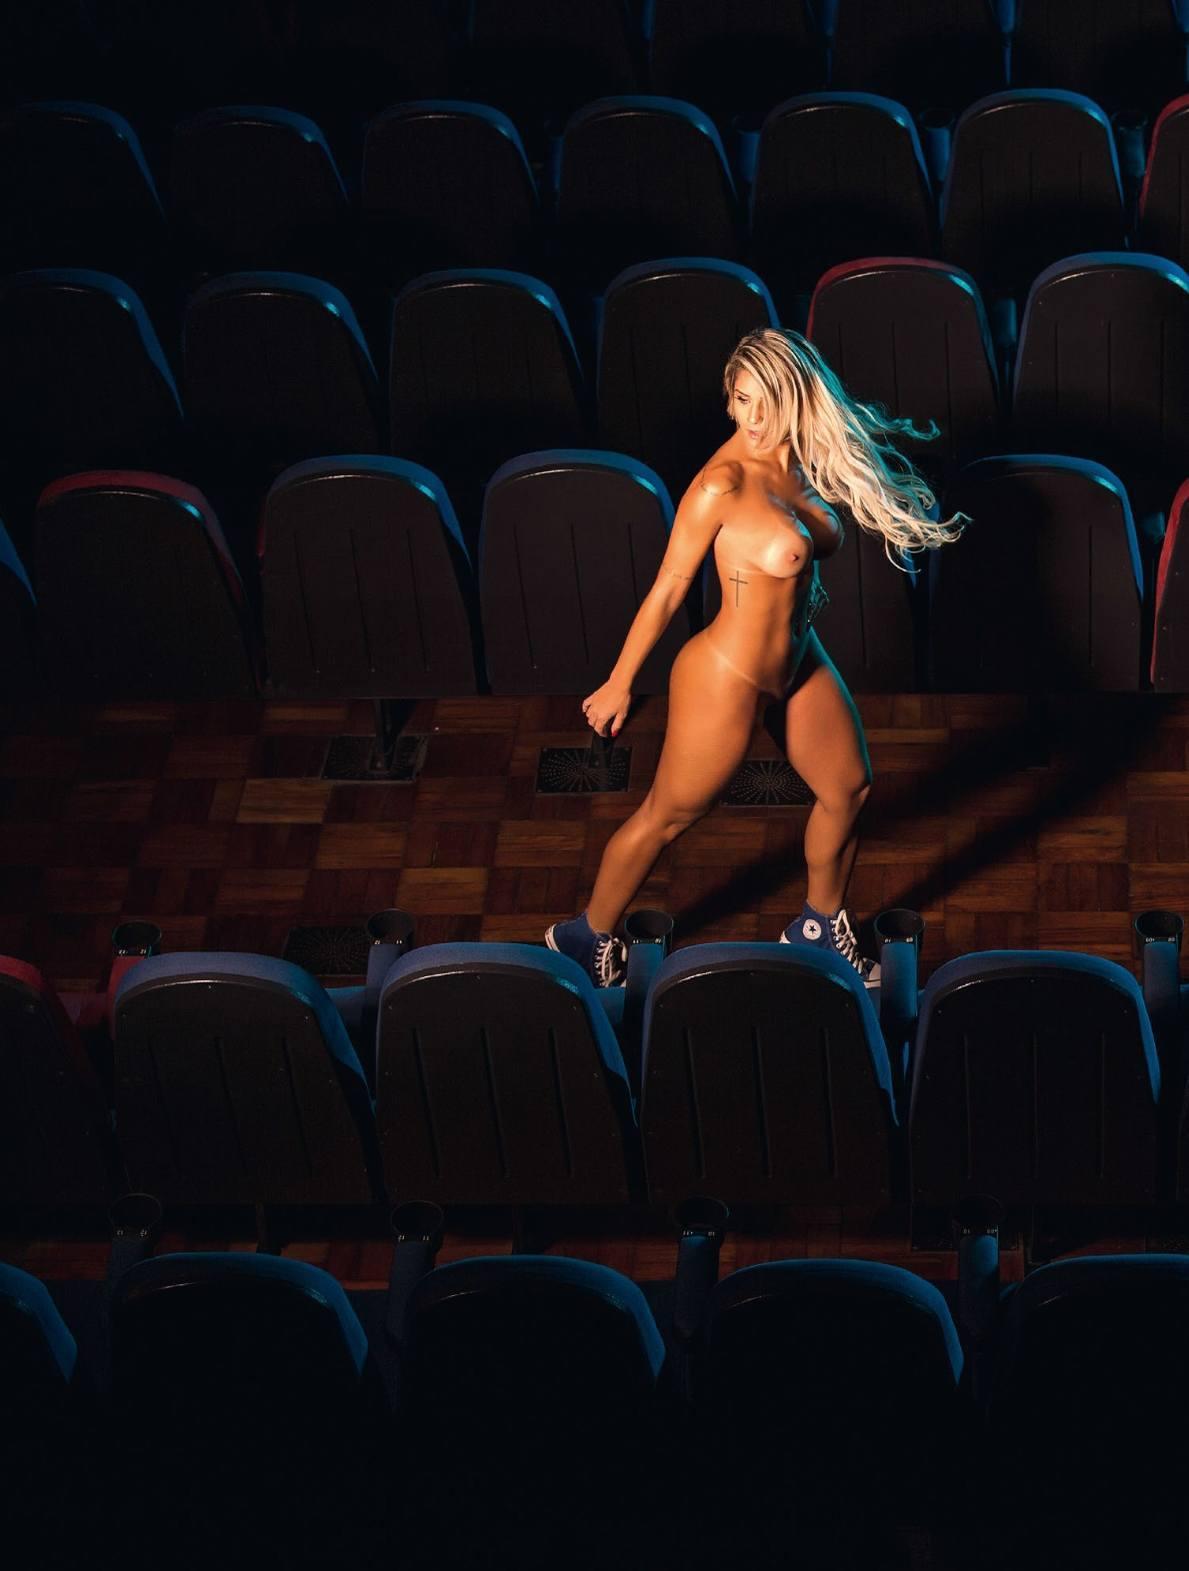 Fotos Playboy Panicat Iara Ramos Outubro (9)